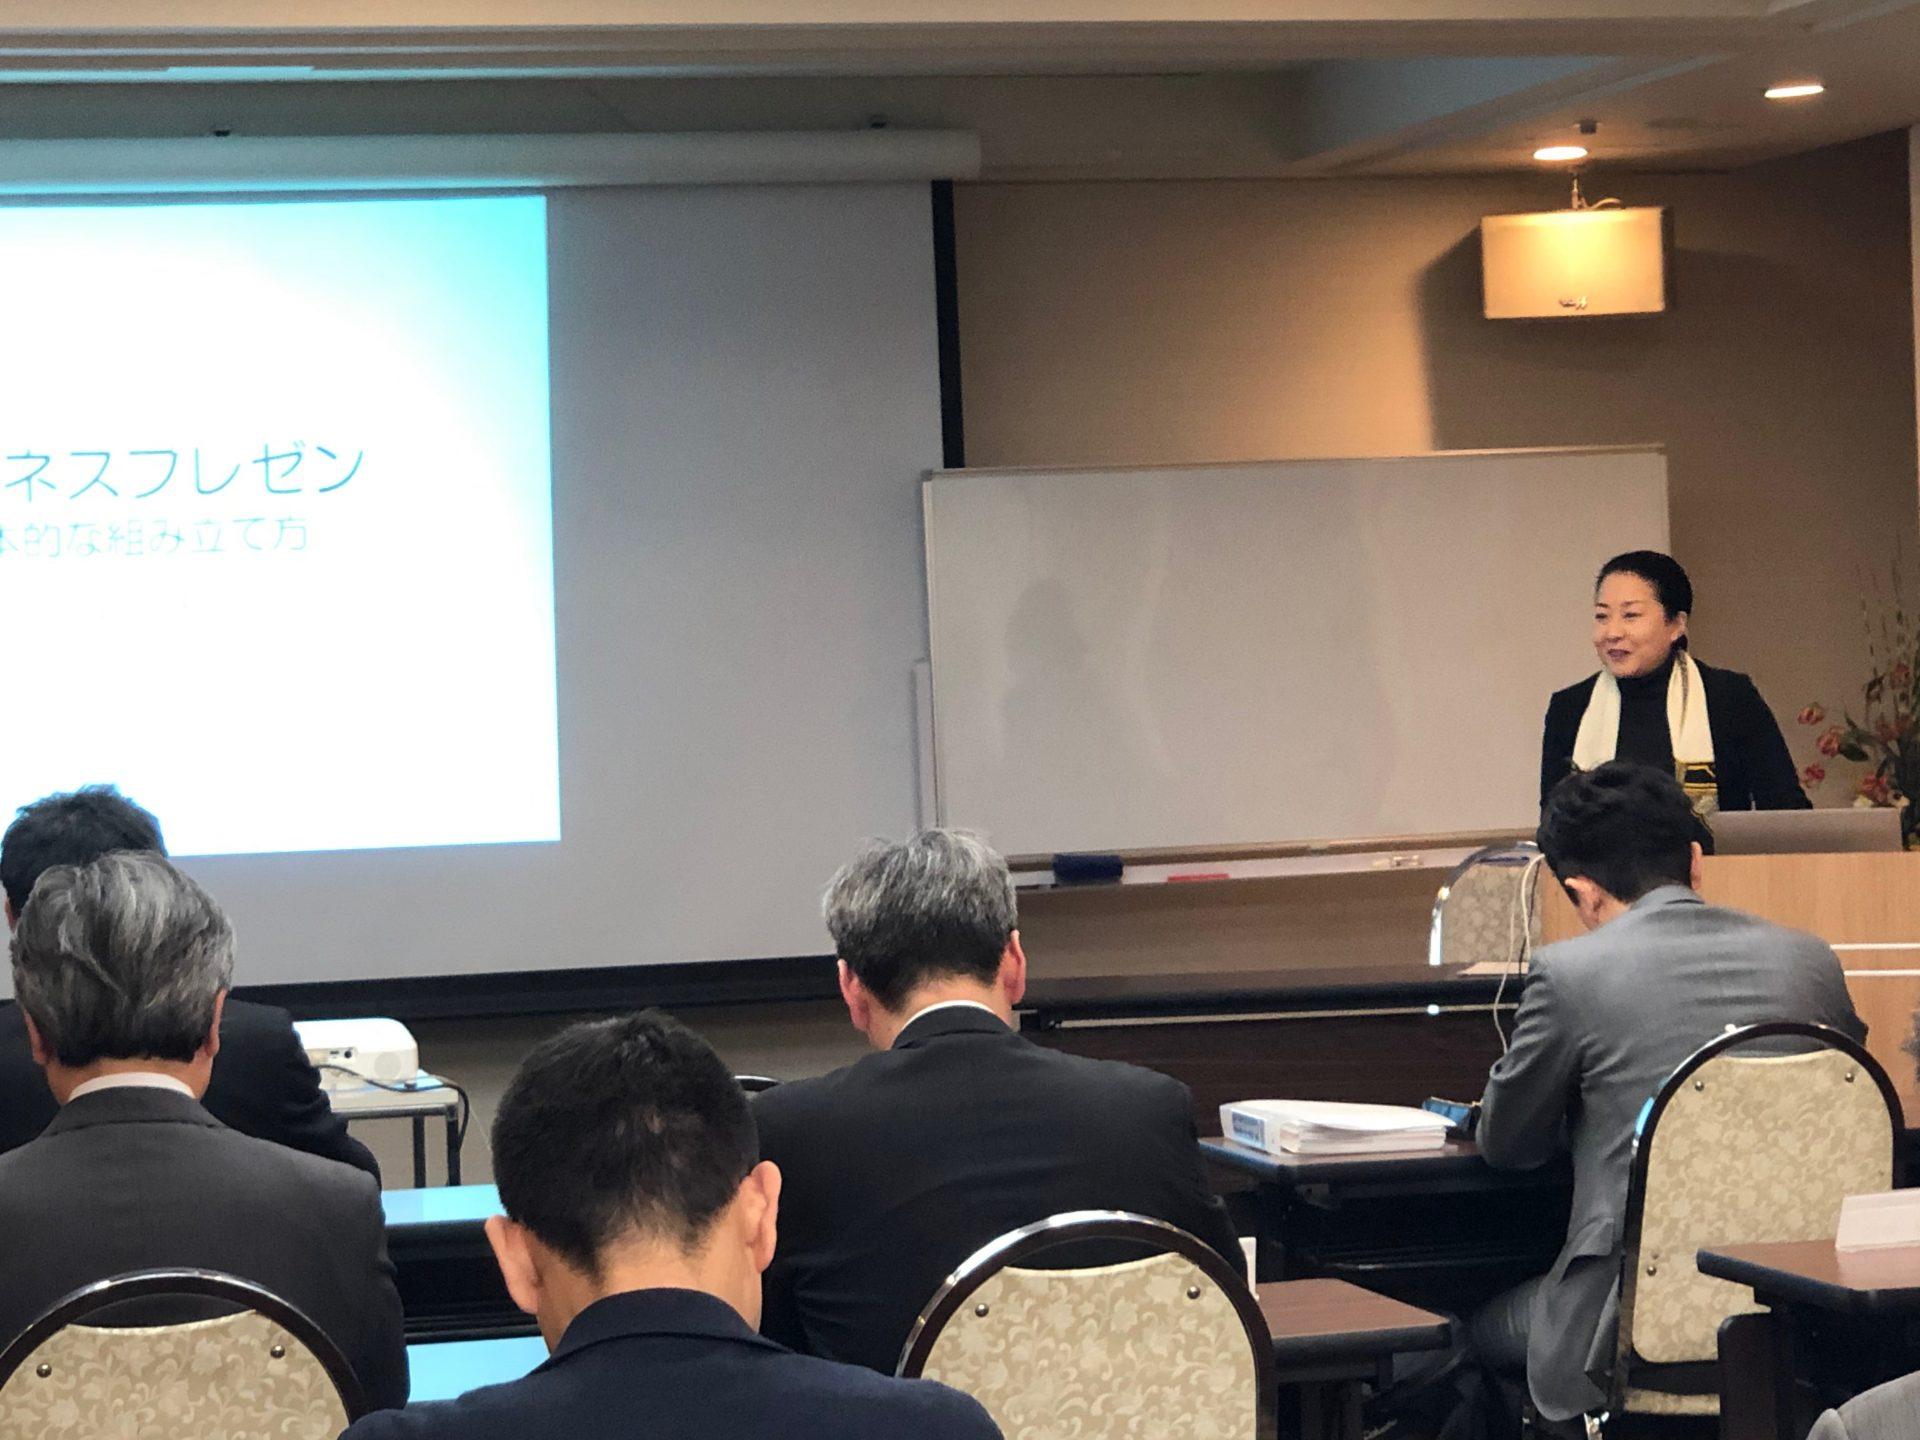 北海道経営幹部育成塾の様子2